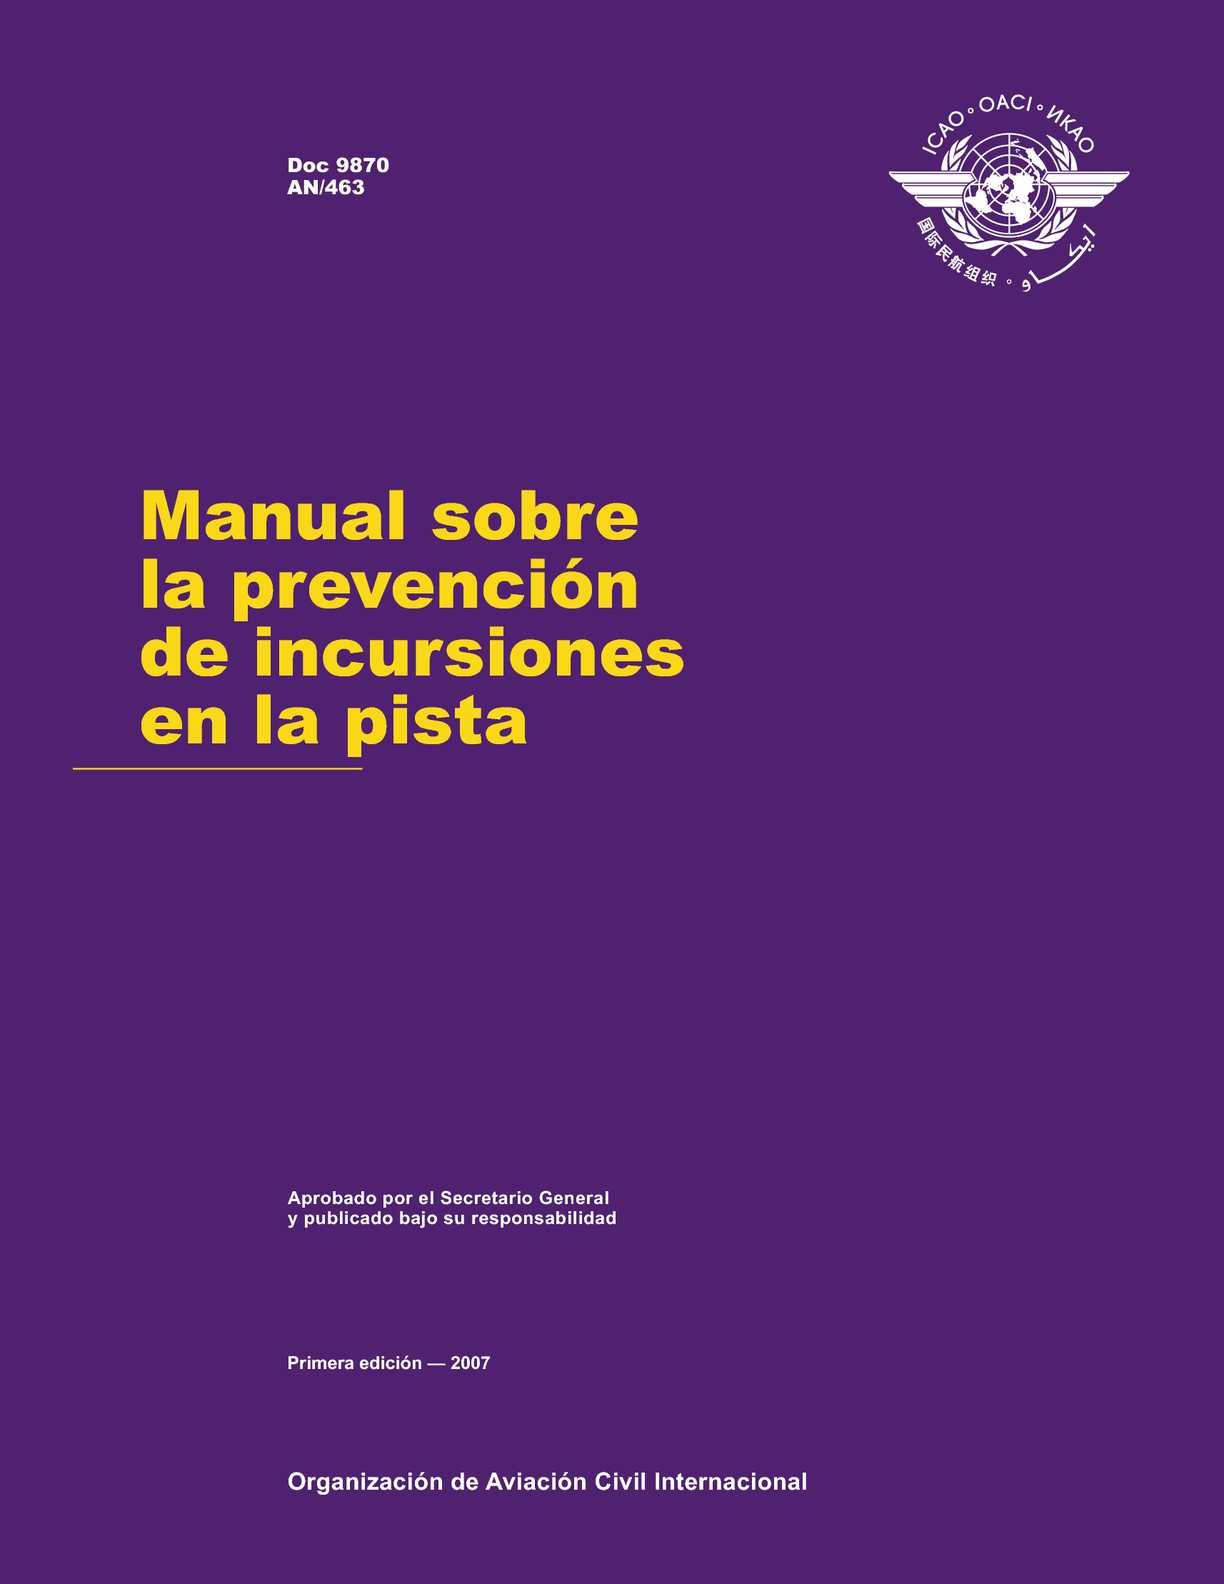 Doc 9870  Manual sobre la Prevención de Incursión en la Pista